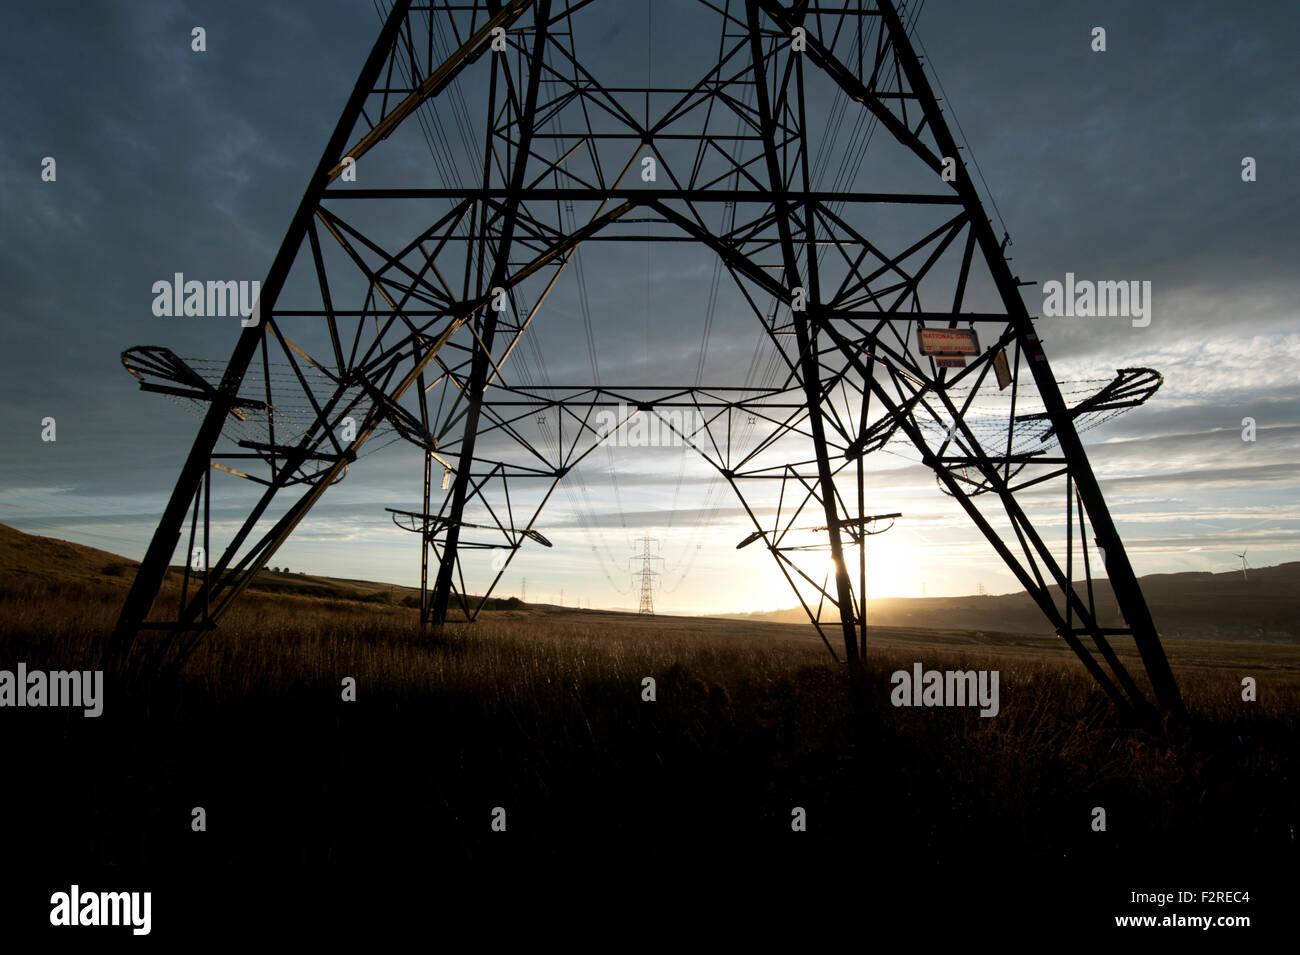 Fantastisch Unterirdische Stromkabel Laufen Bilder ...